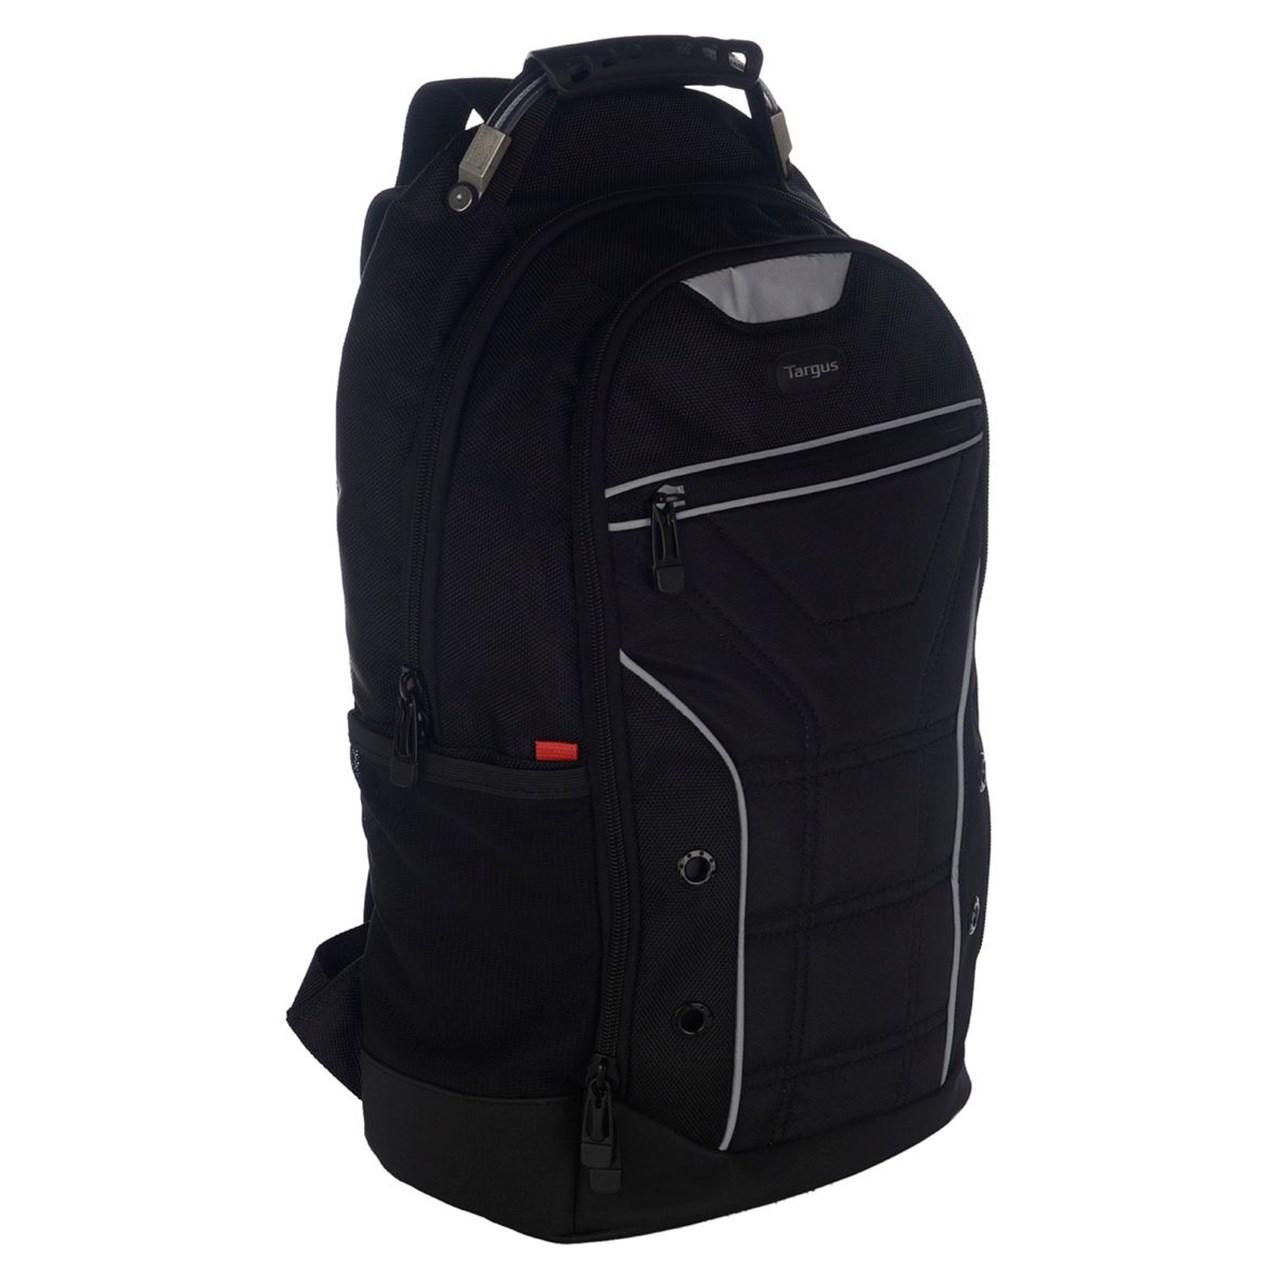 کوله پشتی لپ تاپ تارگوس مدل TSB842  مناسب برای لپ تاپ های 14 اینچ